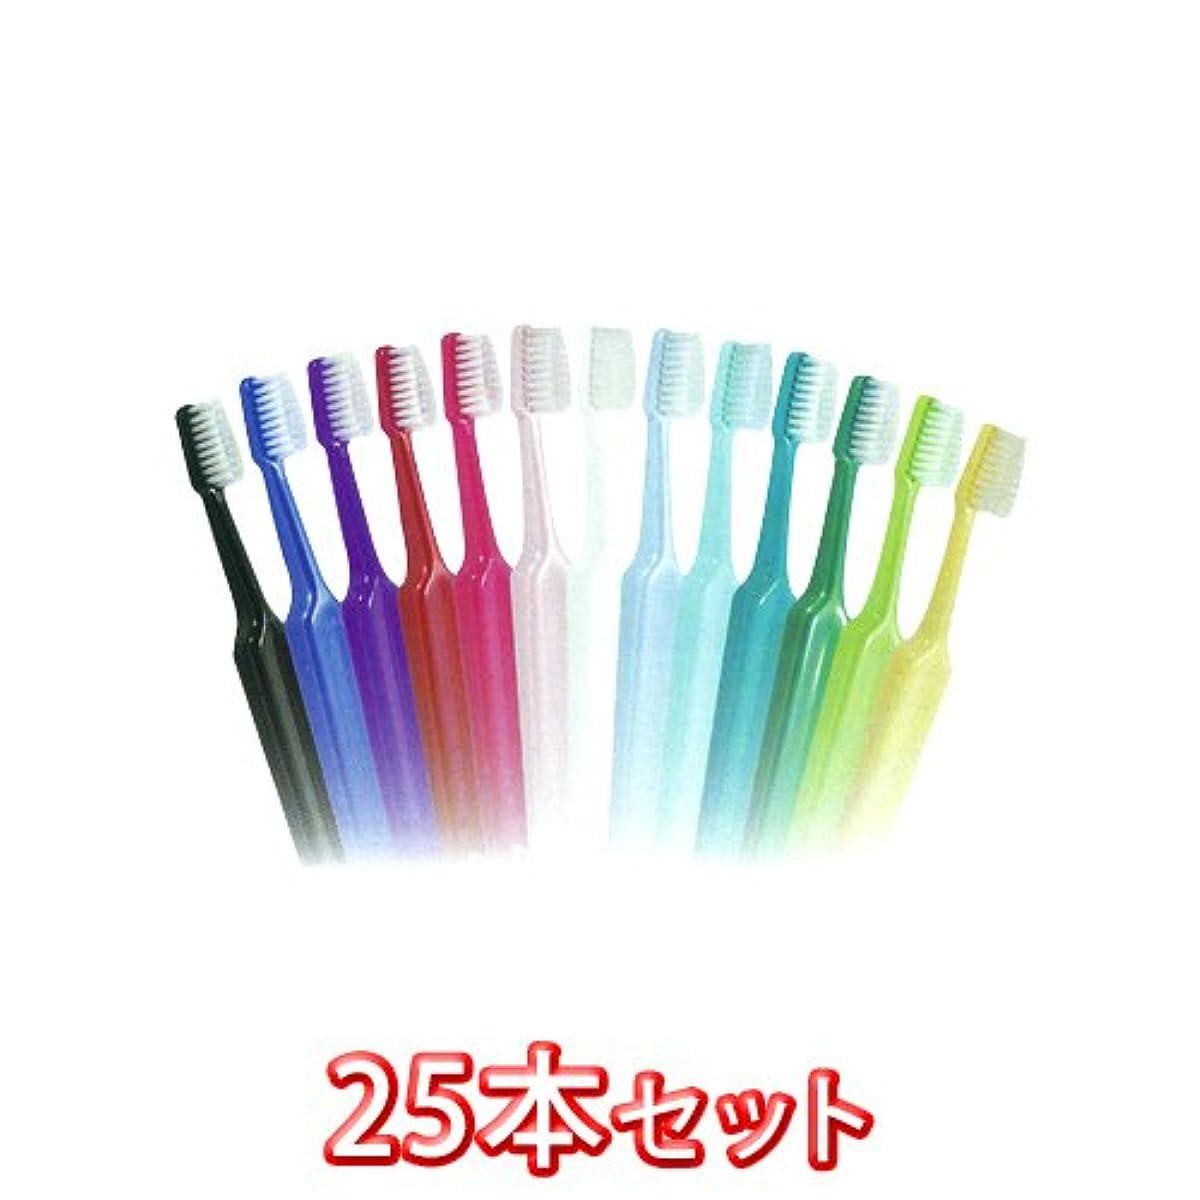 破滅頼む遠近法クロスフィールドTePeテペセレクトコンパクト歯ブラシ 25本(コンパクトソフト)